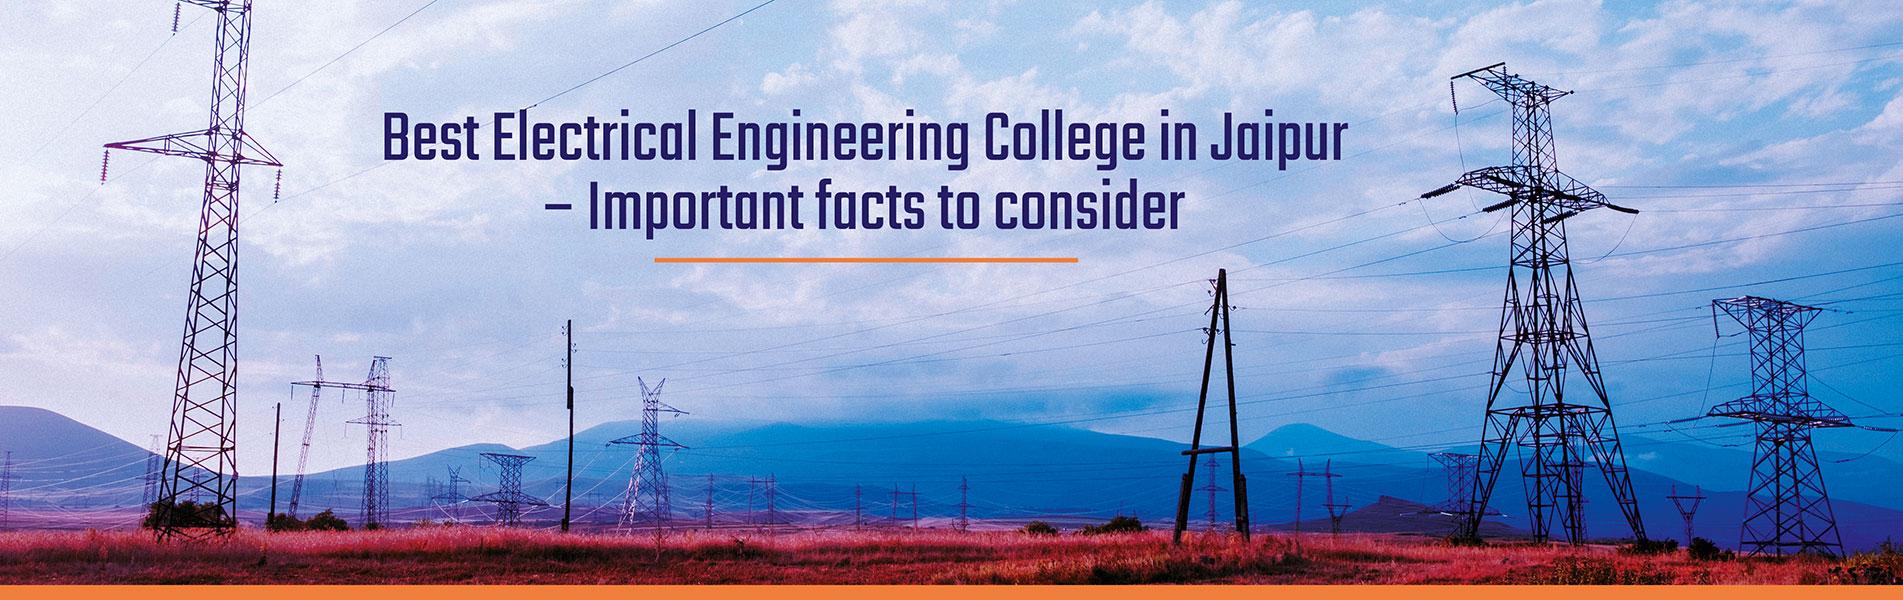 Best Electrical Engineering College in Jaipur